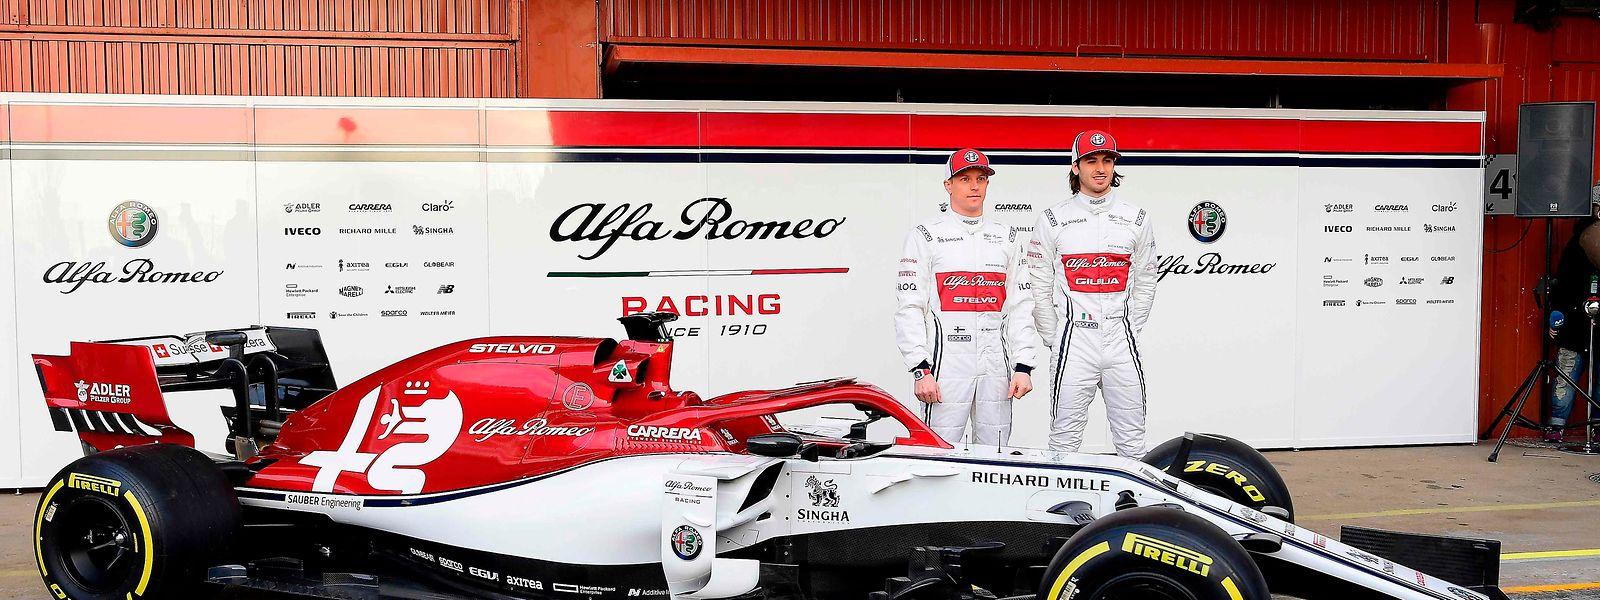 A Alfa Romeo Racing terá como pilotos o italiano Antonio Giovinazzi, que na temporada passada disputou duas provas com a Sauber, e o finlandês Kimmi Raikonen, que deixou a Ferrari.